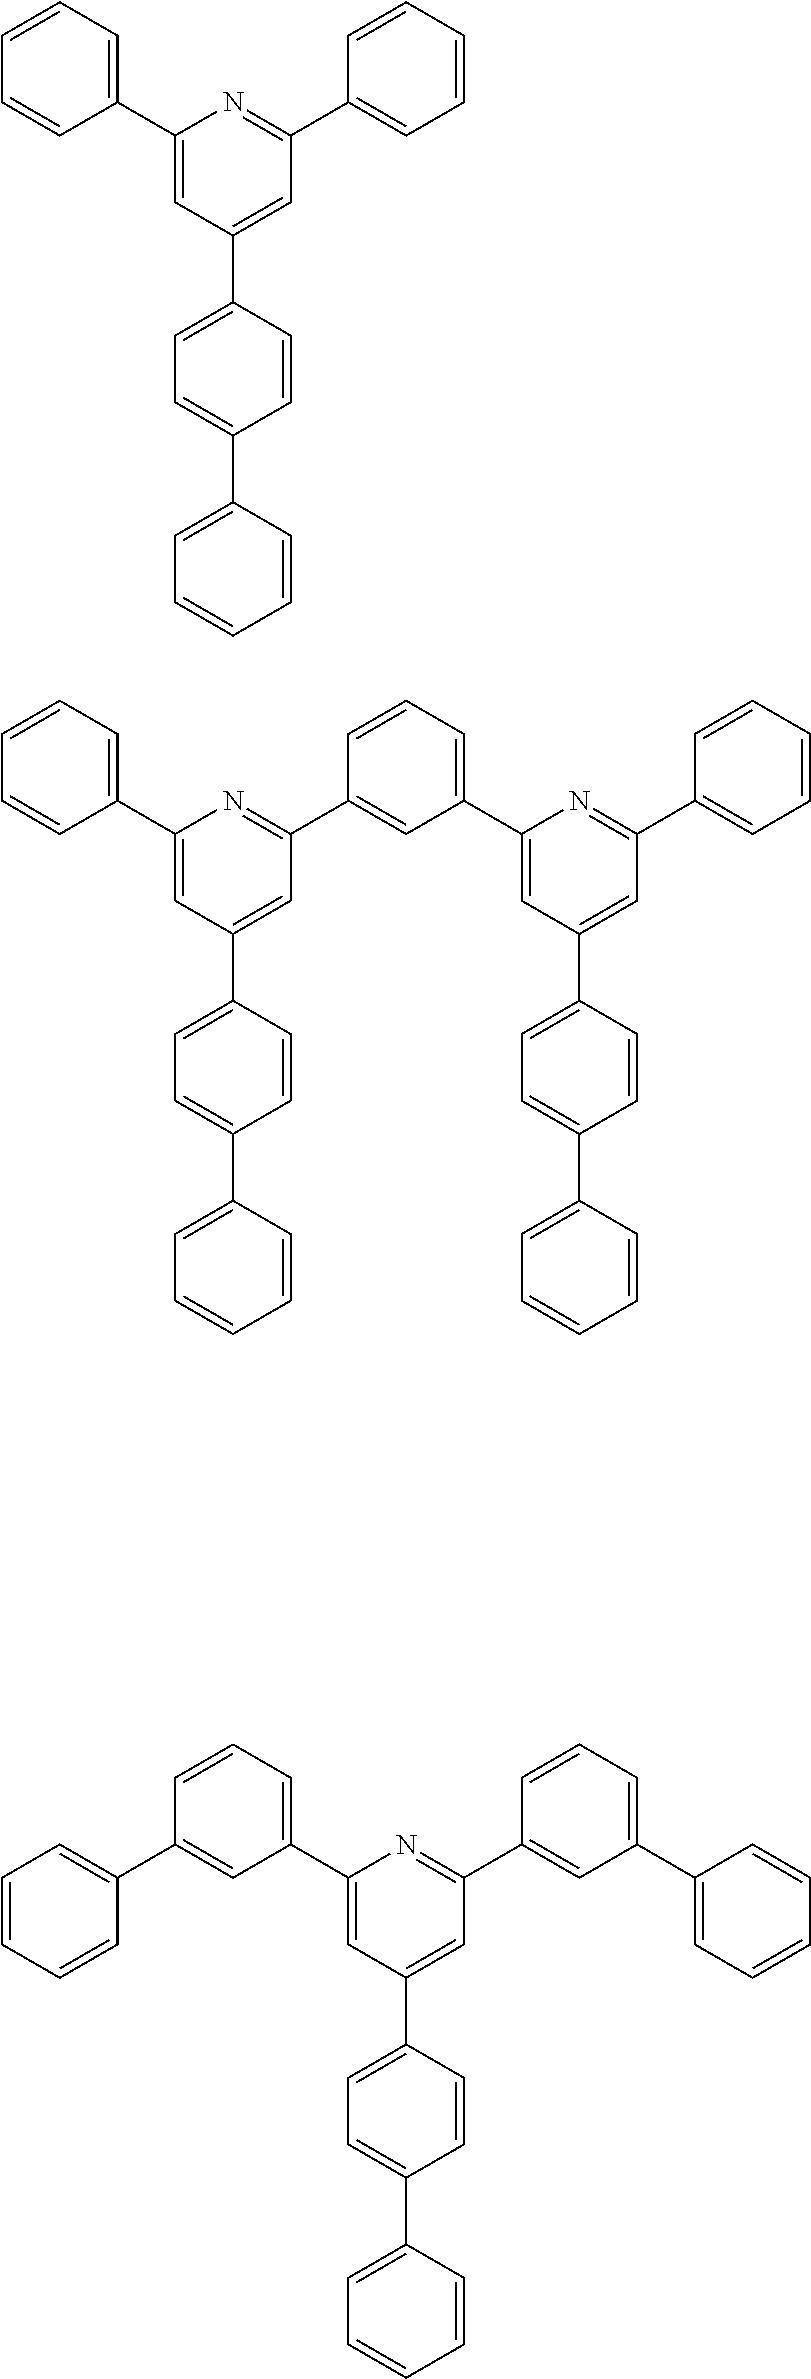 Figure US20110215312A1-20110908-C00060